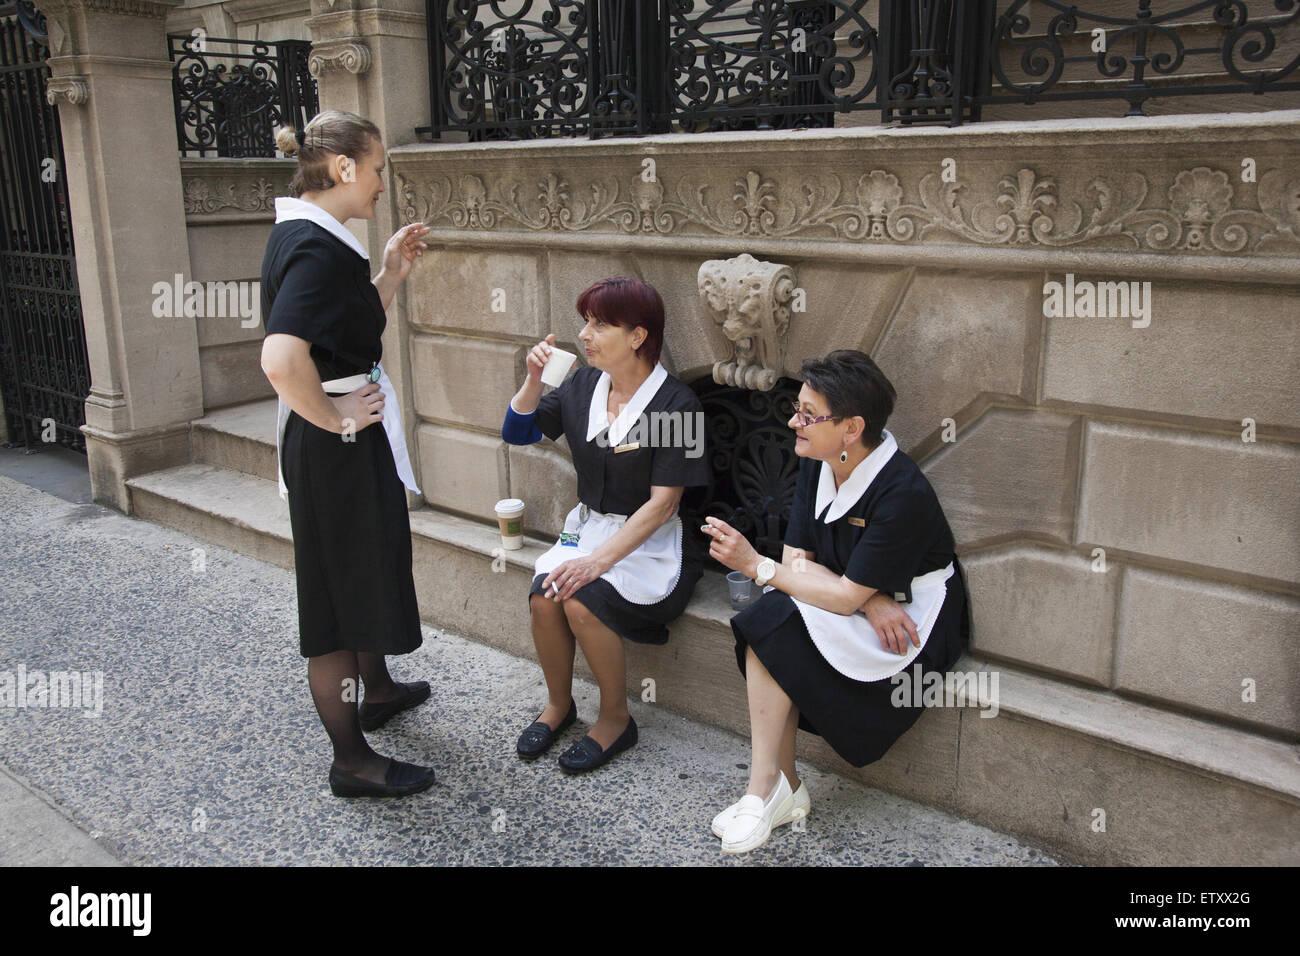 Lavoratori di sesso femminile per le loro uniformi prendere una camera fumatori pausa dal lavoro in un hotel su Immagini Stock